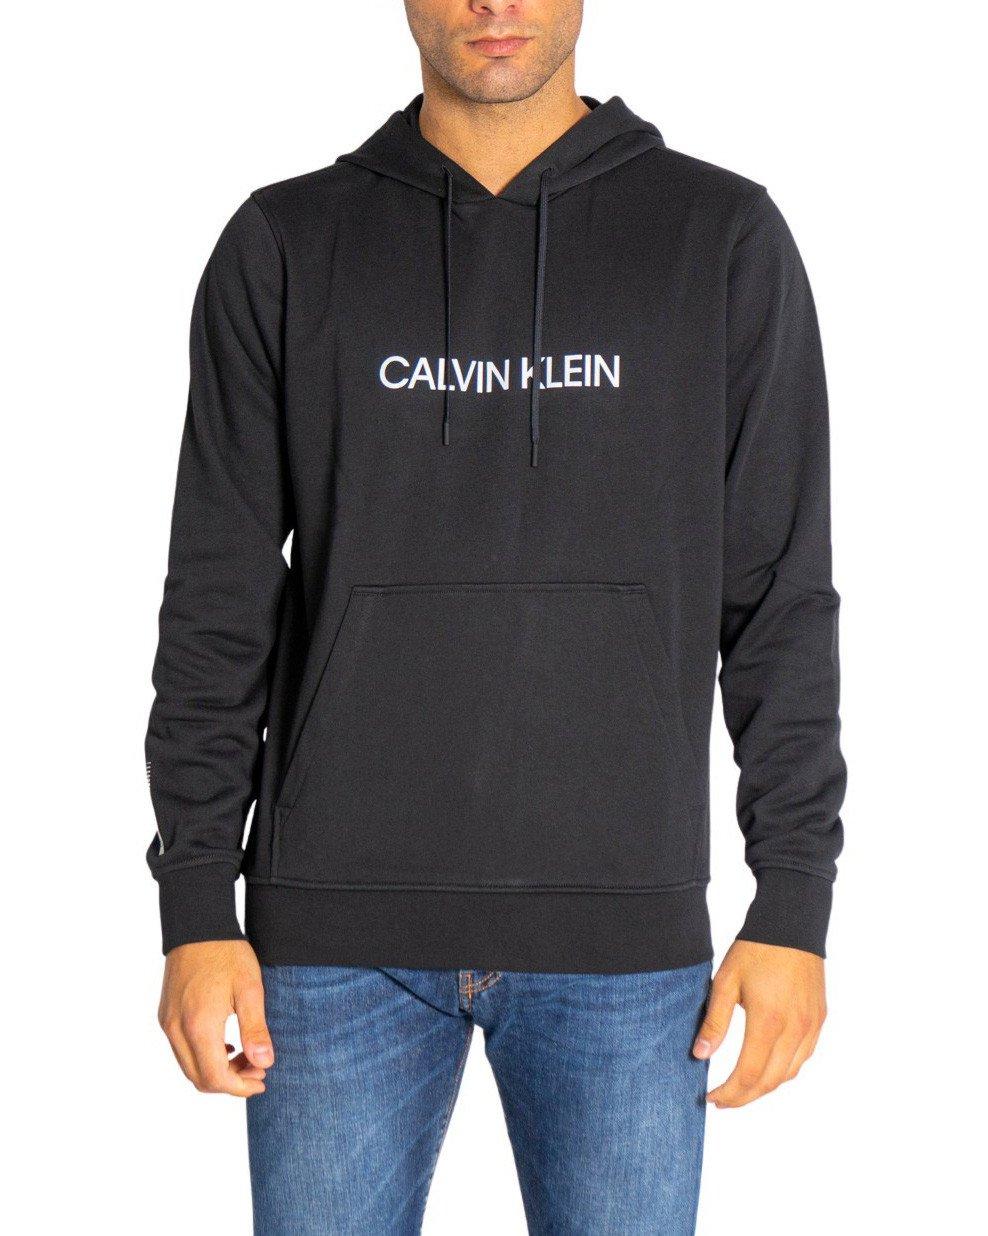 Calvin Klein Performance - Calvin Klein Performance Men Sweatshirts - black S